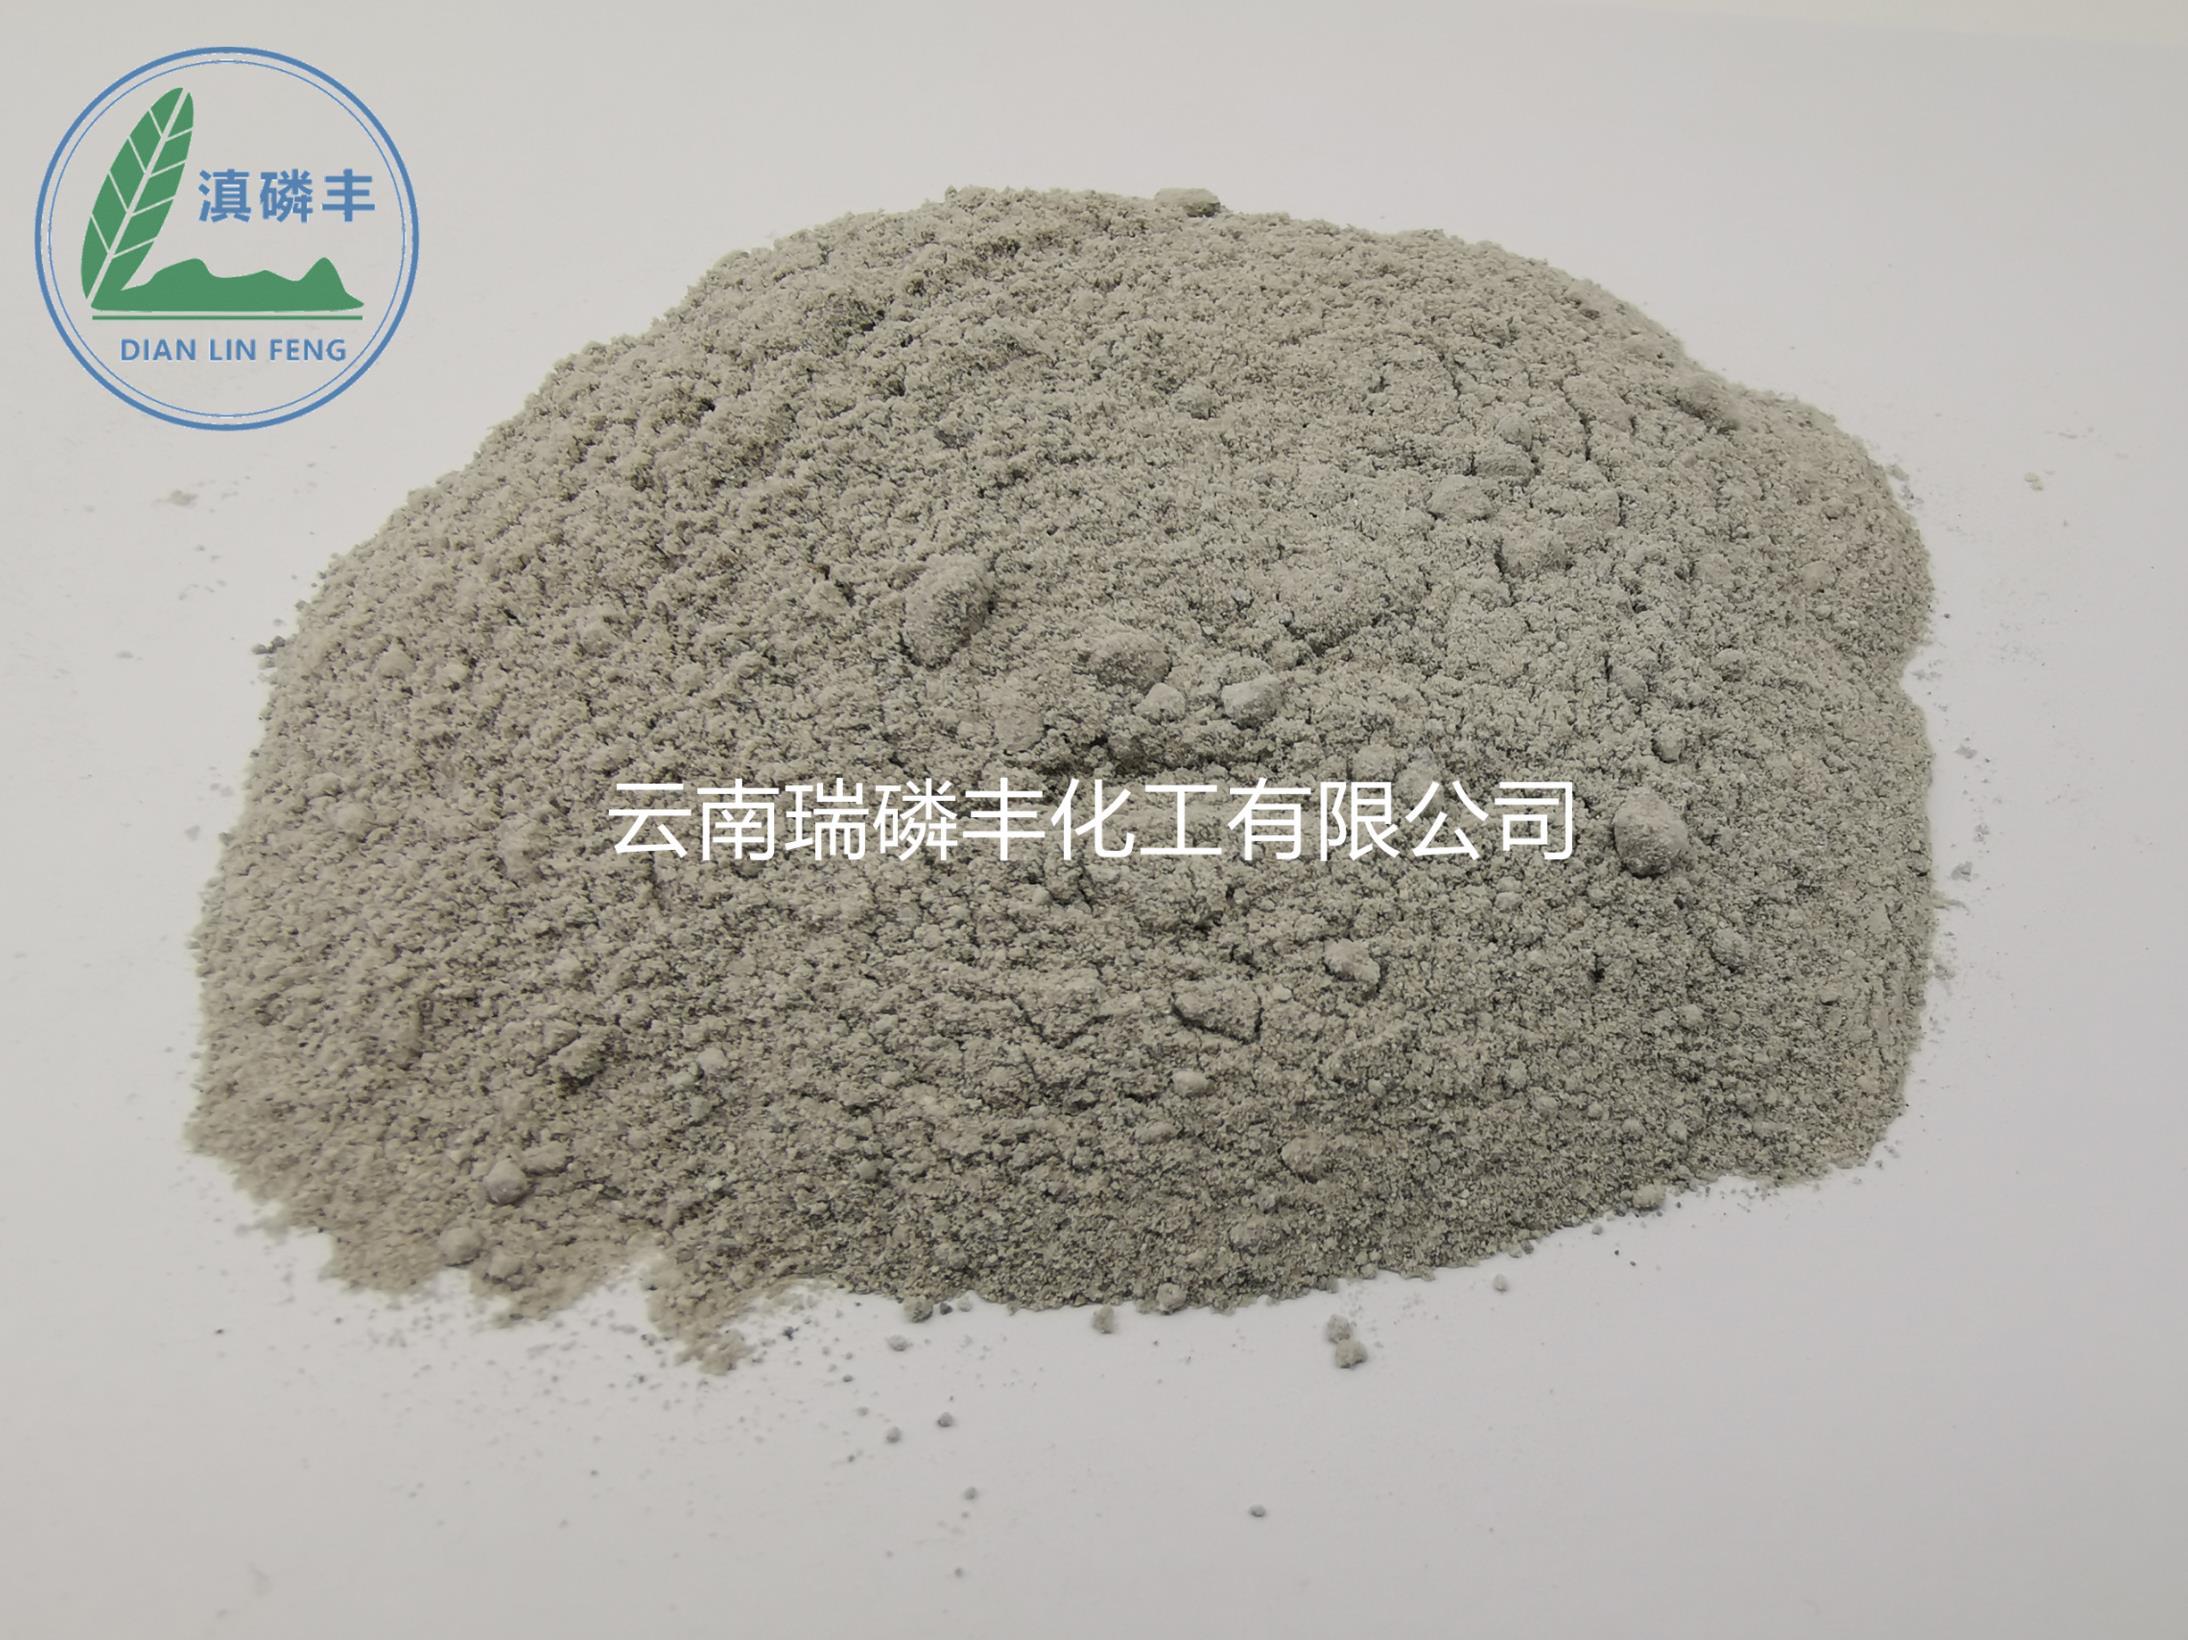 粉狀重過磷酸鈣(TSP)